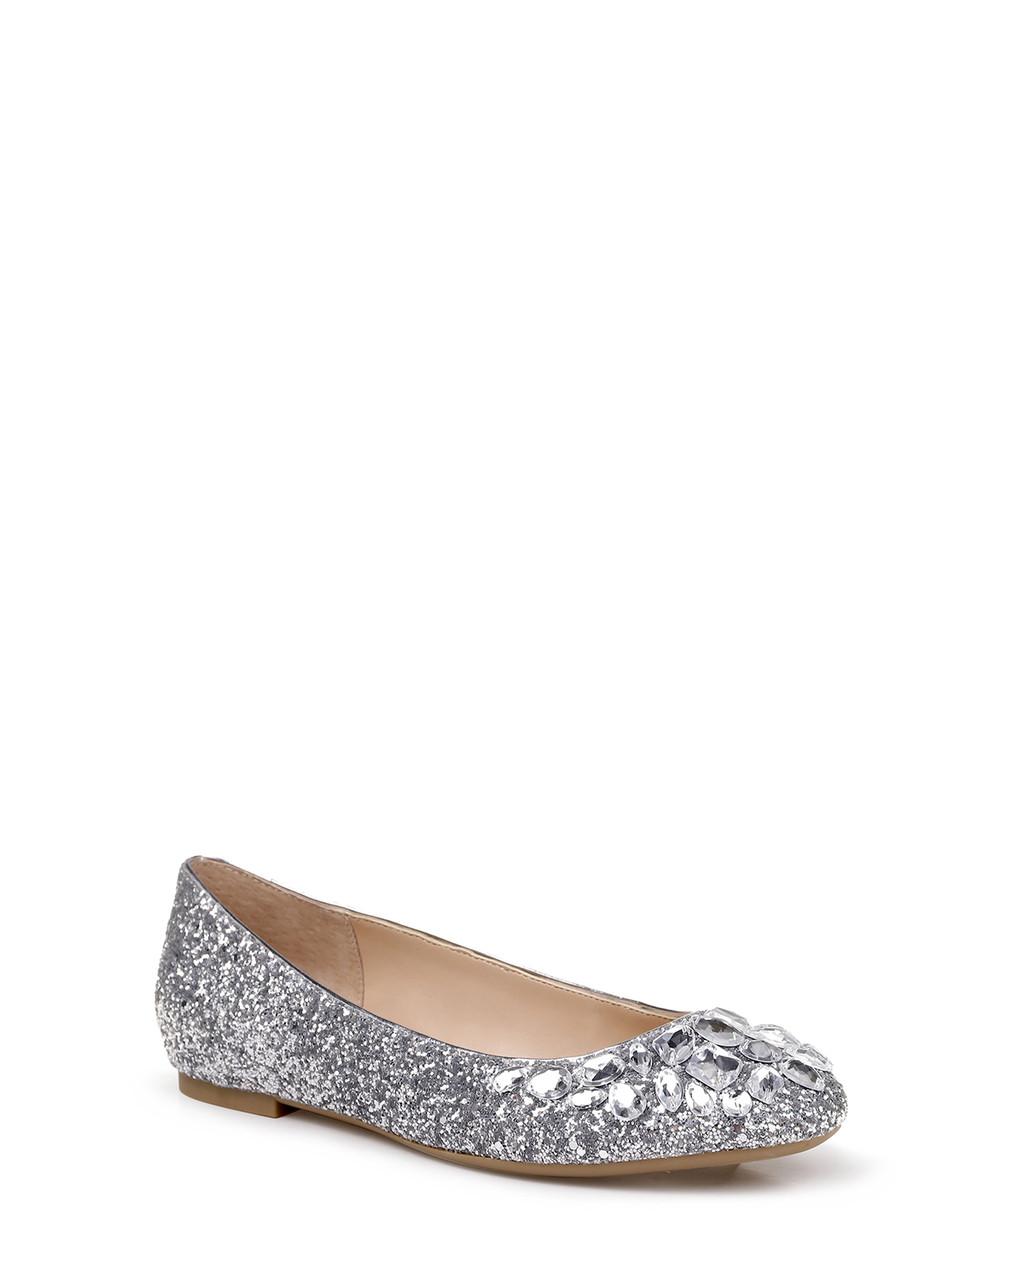 b9c02d2d68 Mathilda Glitter Ballet Flat from Jewel by Badgley Mischka